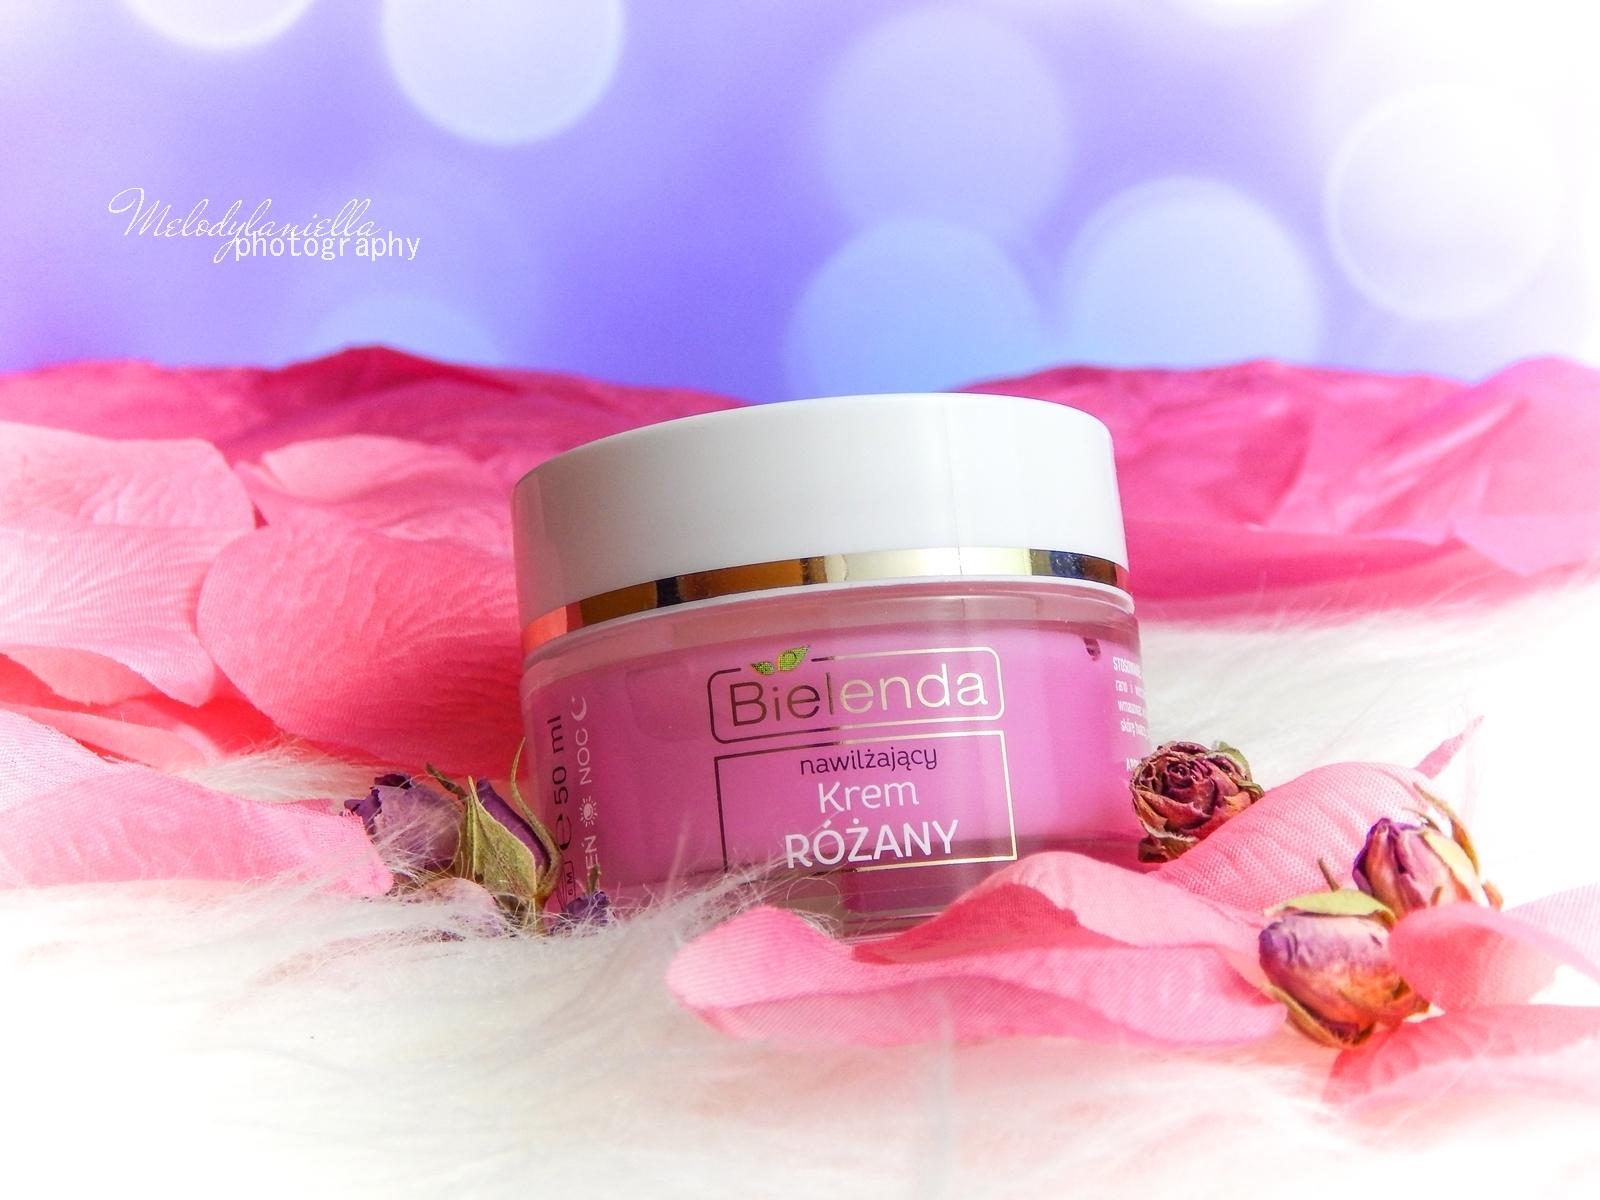 7 Bielenda rose care różany krem do twarzy recenzja kojąca woda różana 3w1 olejek różany do mycia twarzy produkty bielenda seria różana melodylaniella test produktów kosmetycznych ciekawe blogi lifestyle